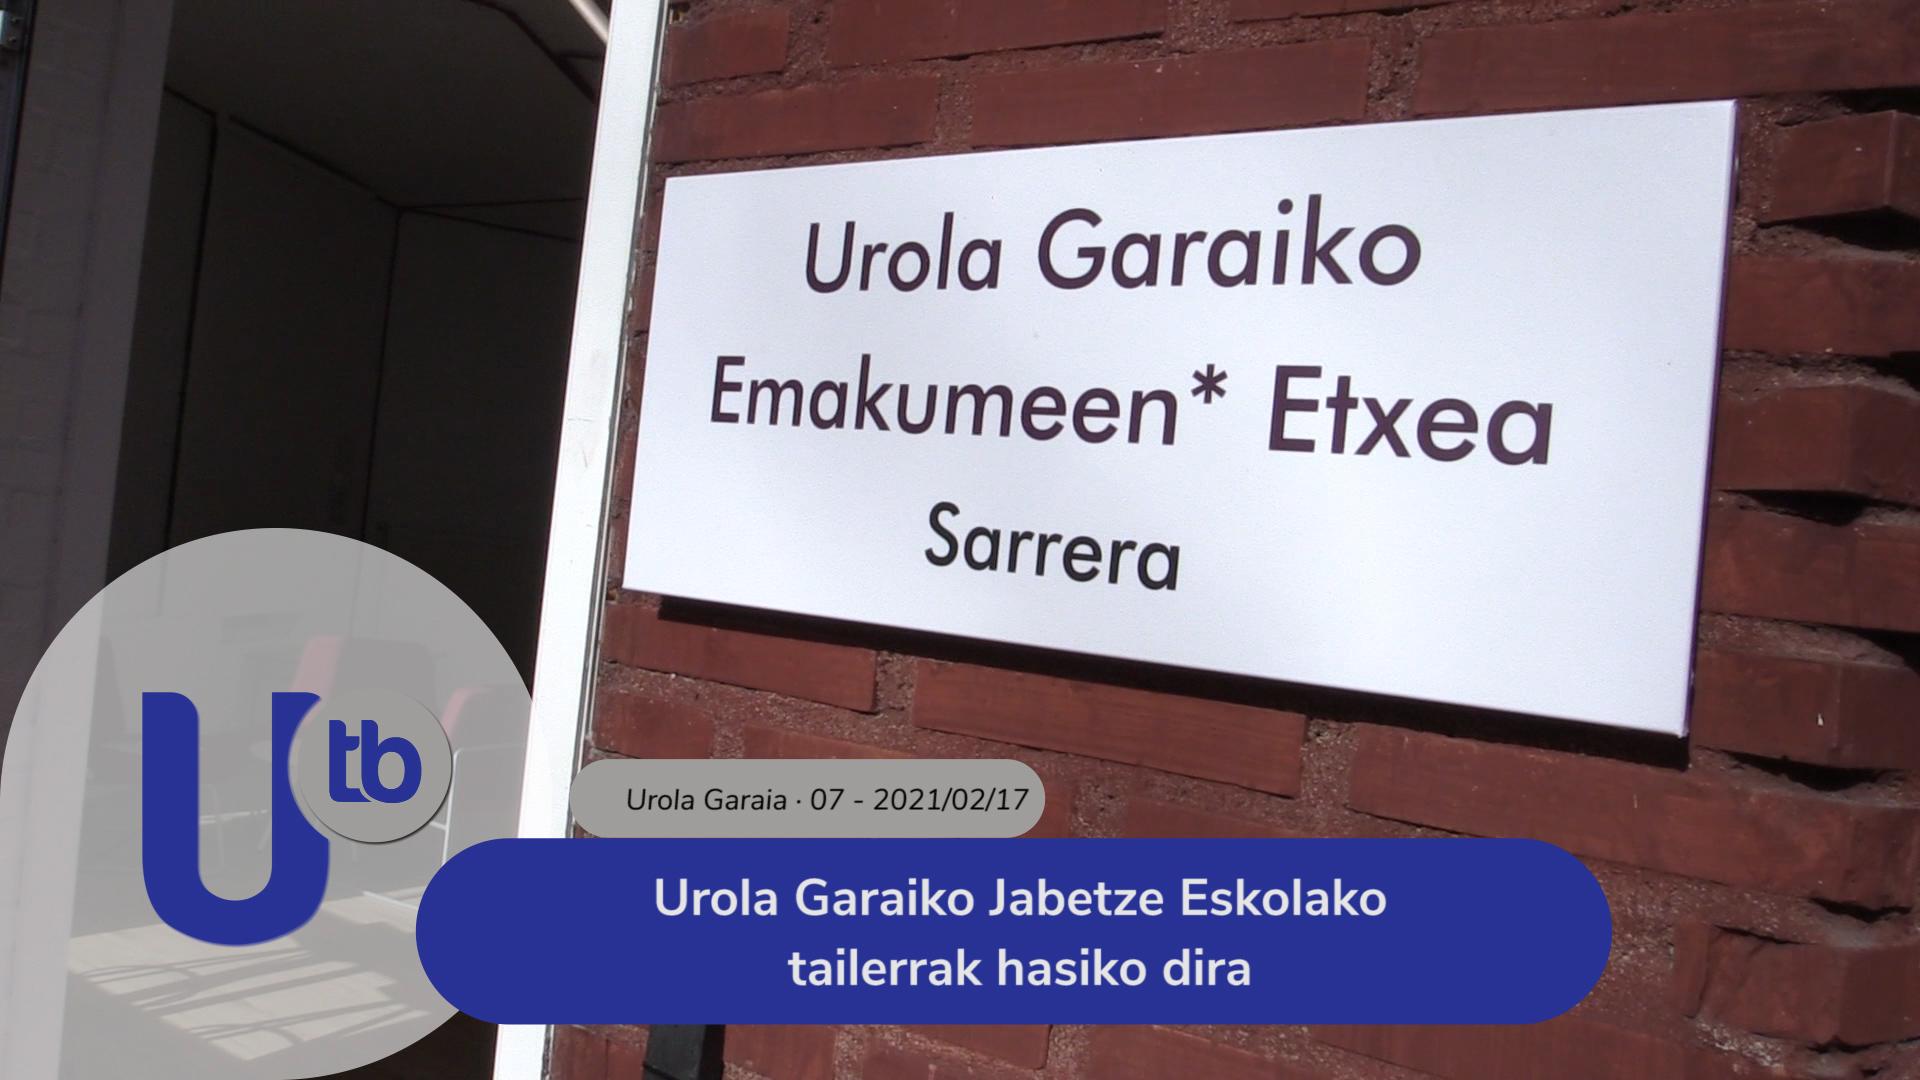 Urola Garaiko Jabetze Eskolako tailerrak hasiko dira / Comienzan los talleres de la Escuela de empoderamiento de Urola Garaia